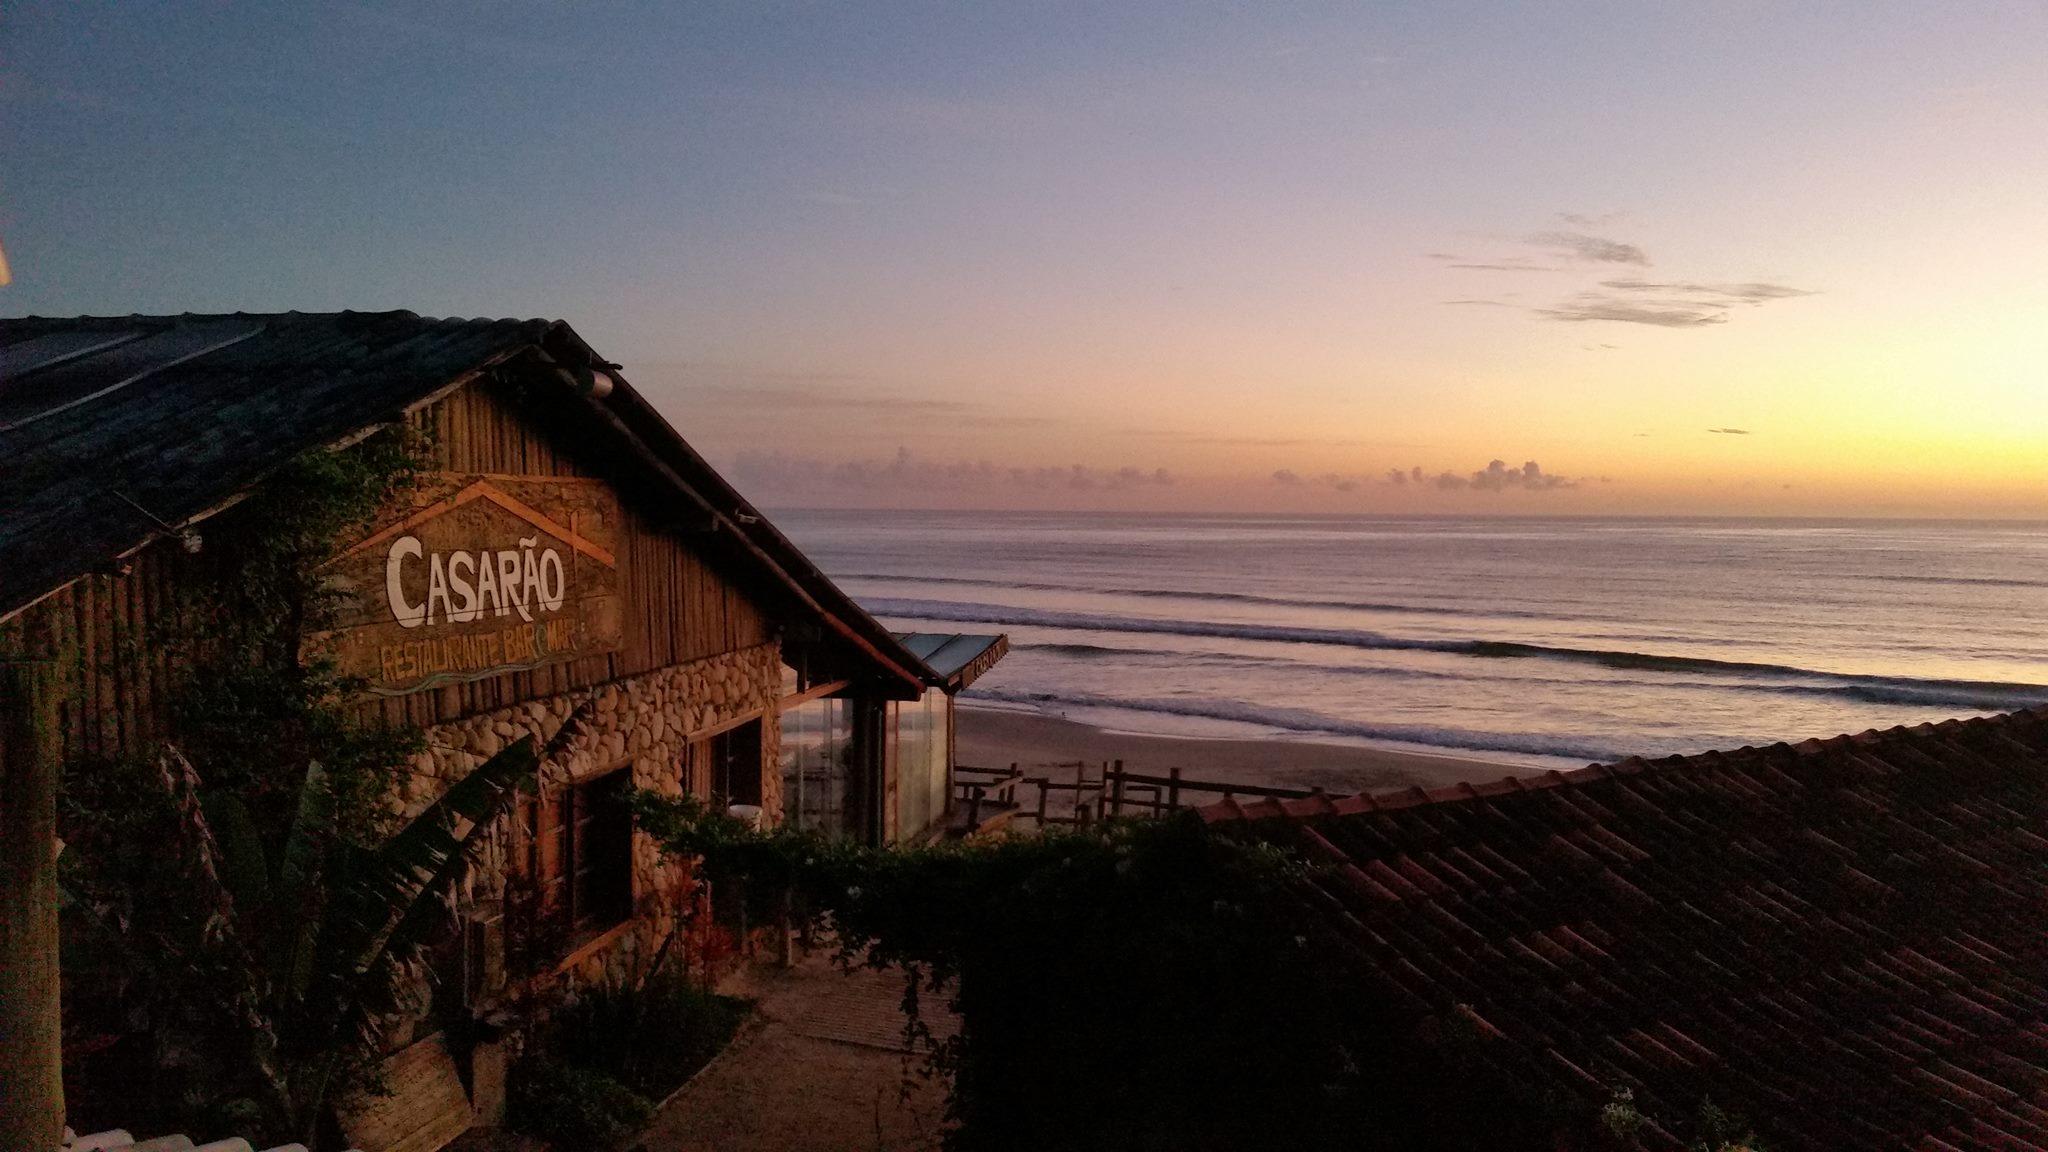 Casarão Restaurante Bar & Mar, na Praia do Rosa